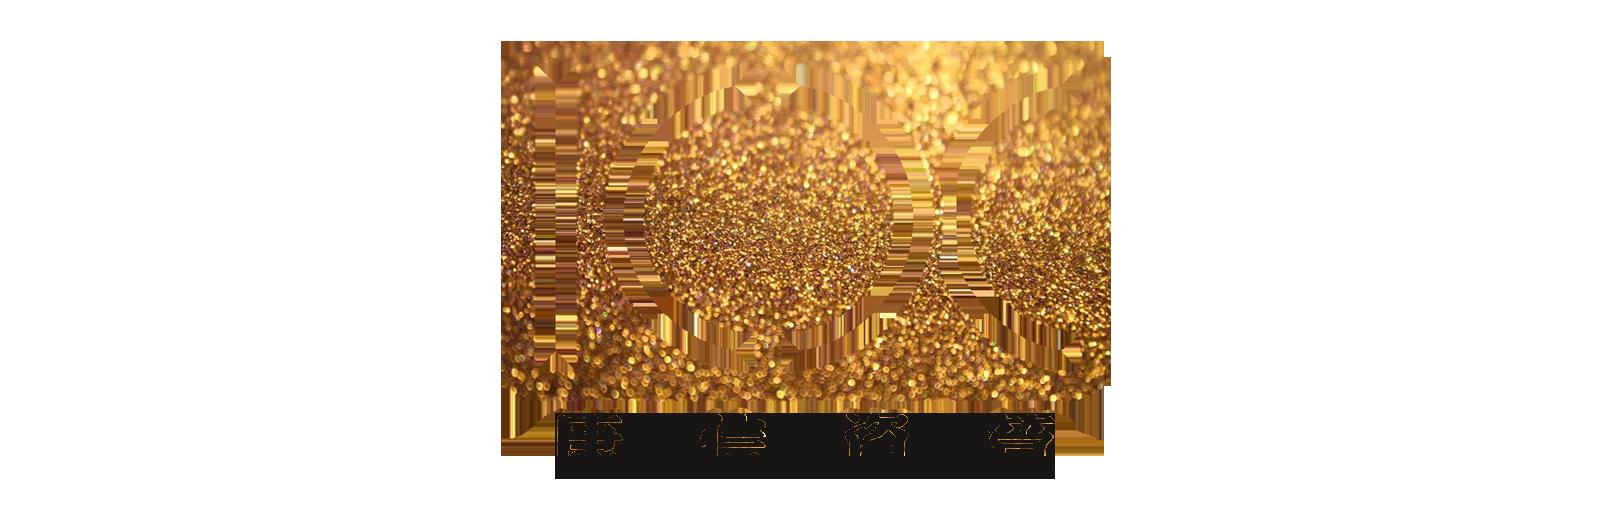 北京康信君安資管管理有限公司